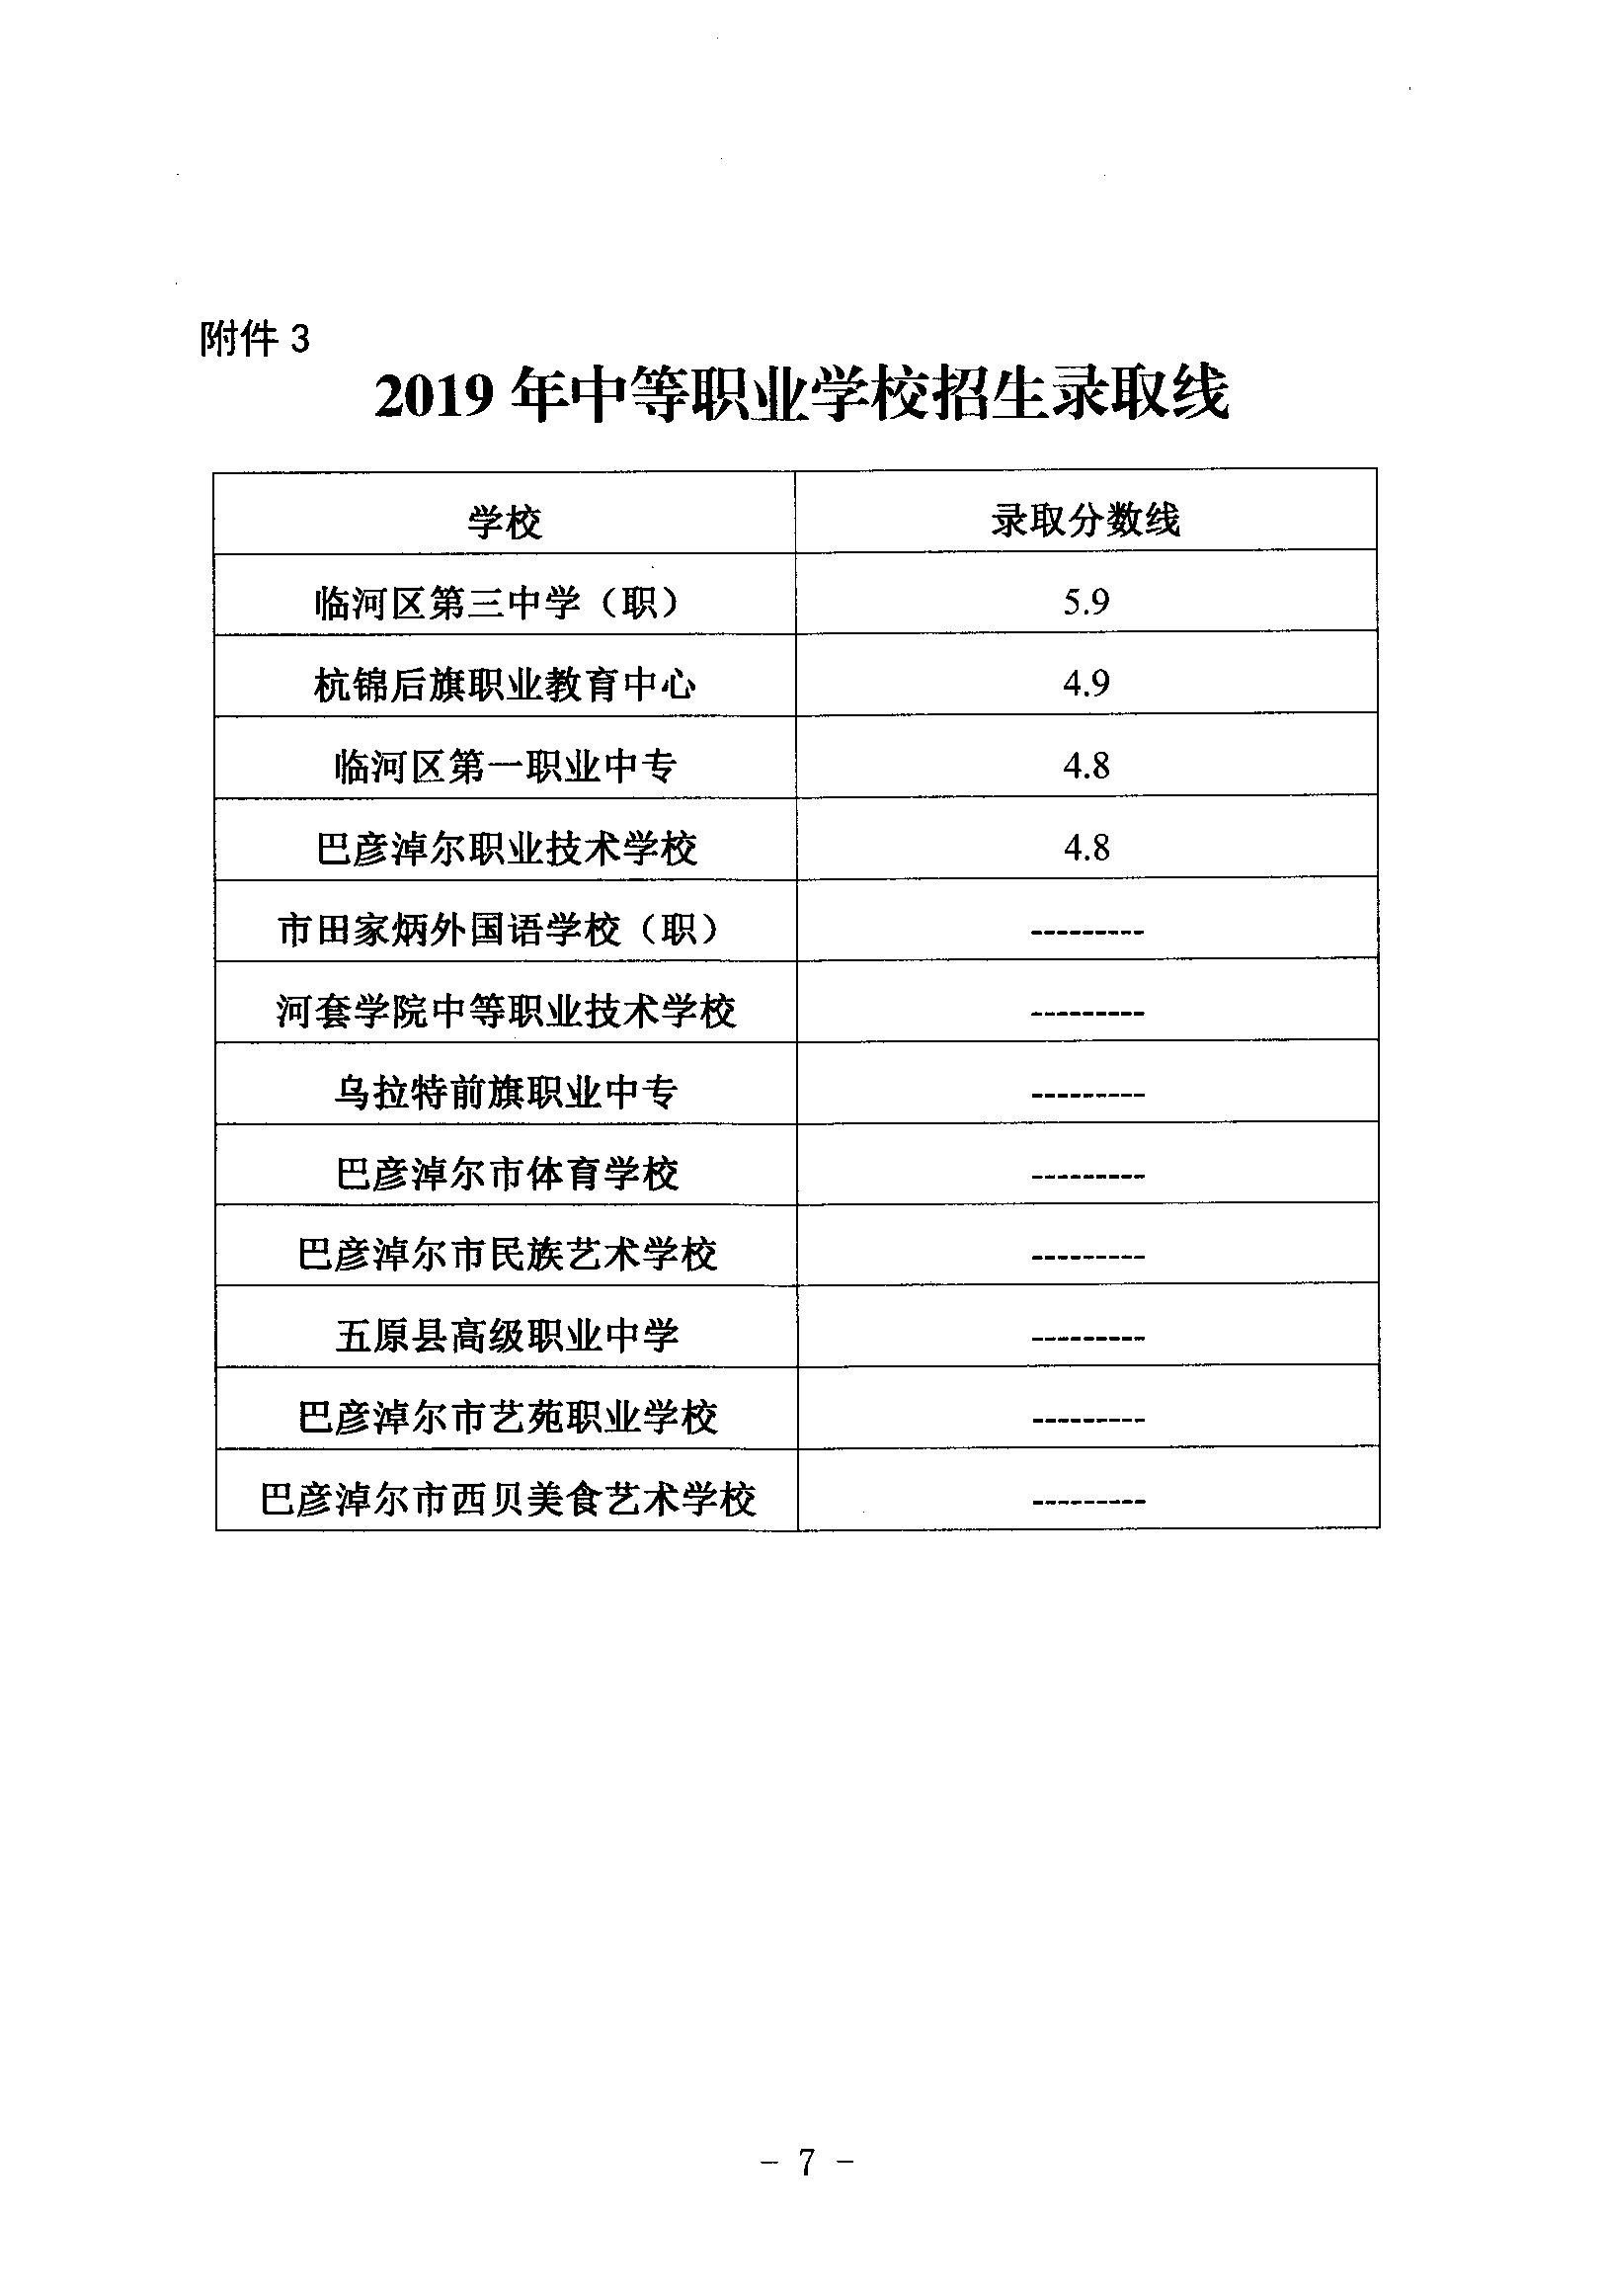 巴彦淖尔2019年中考录取分数线已公布